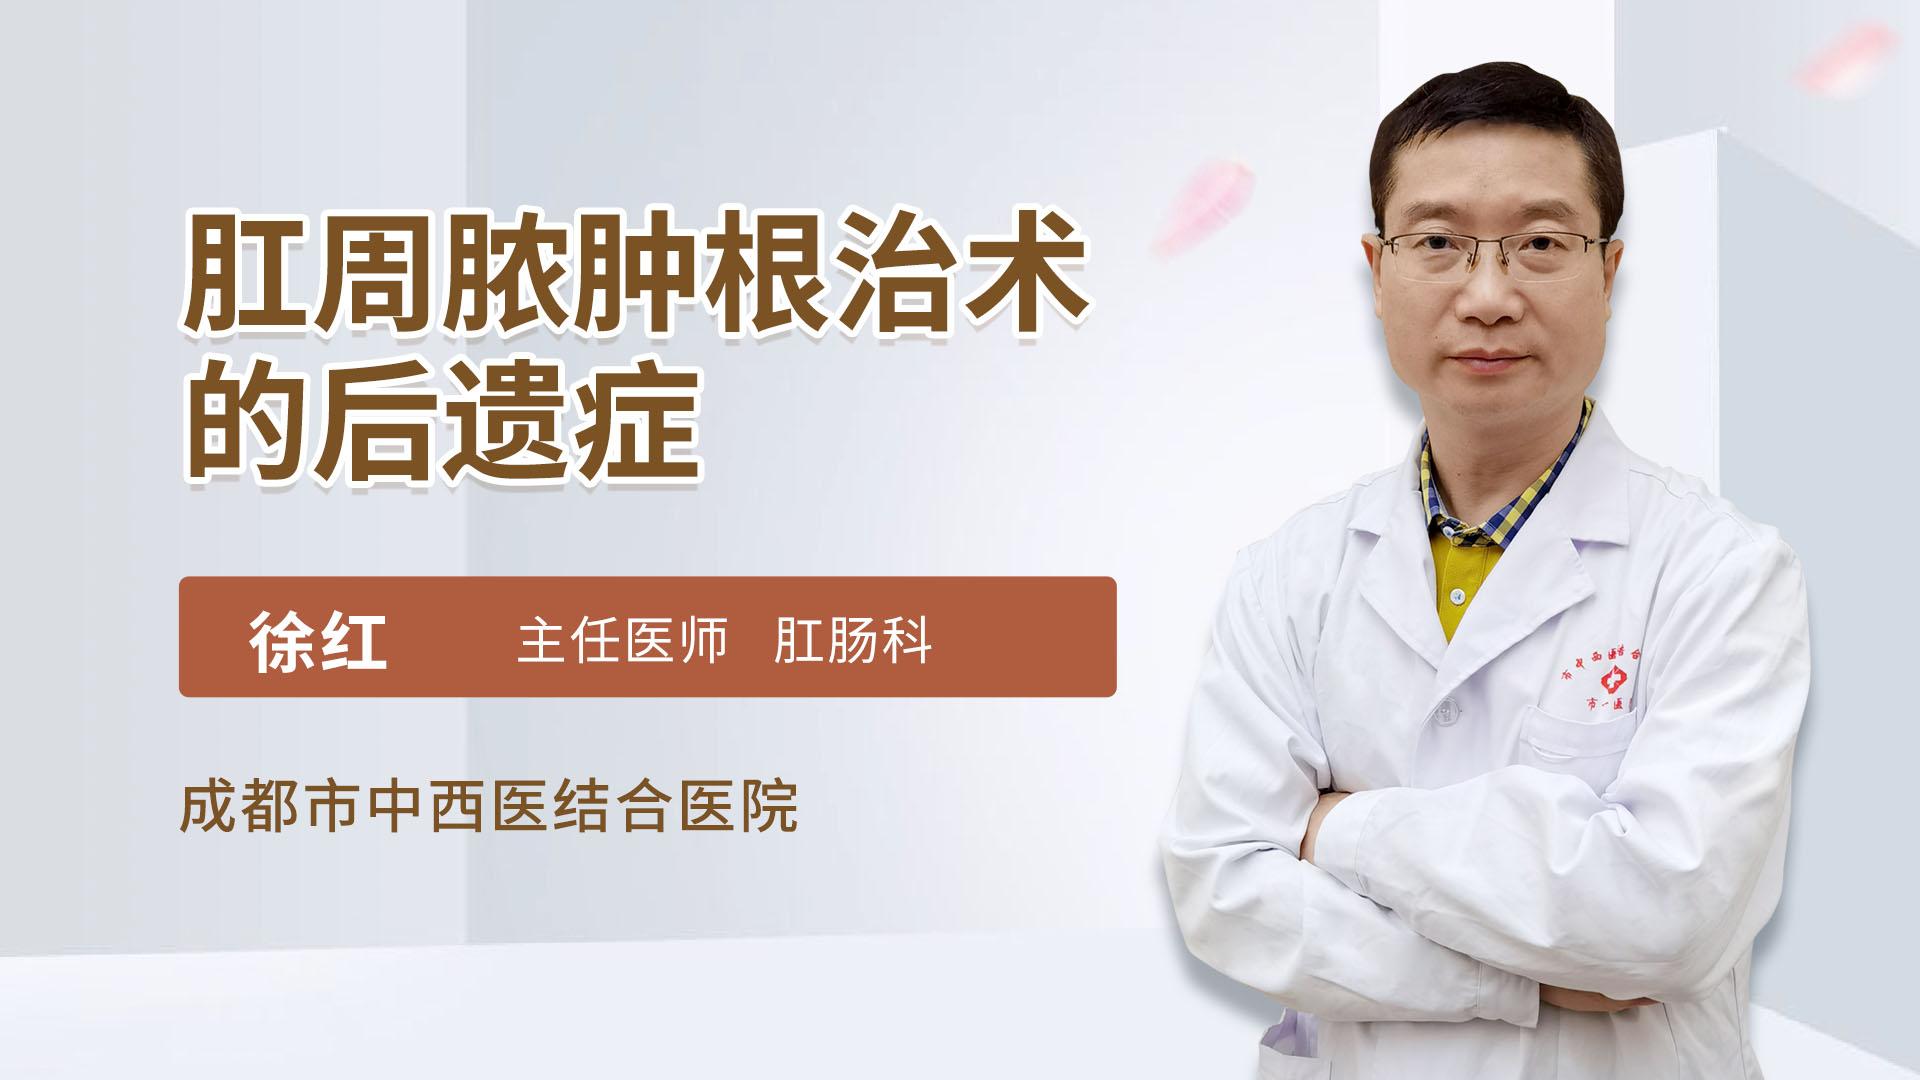 肛周脓肿根治术的后遗症